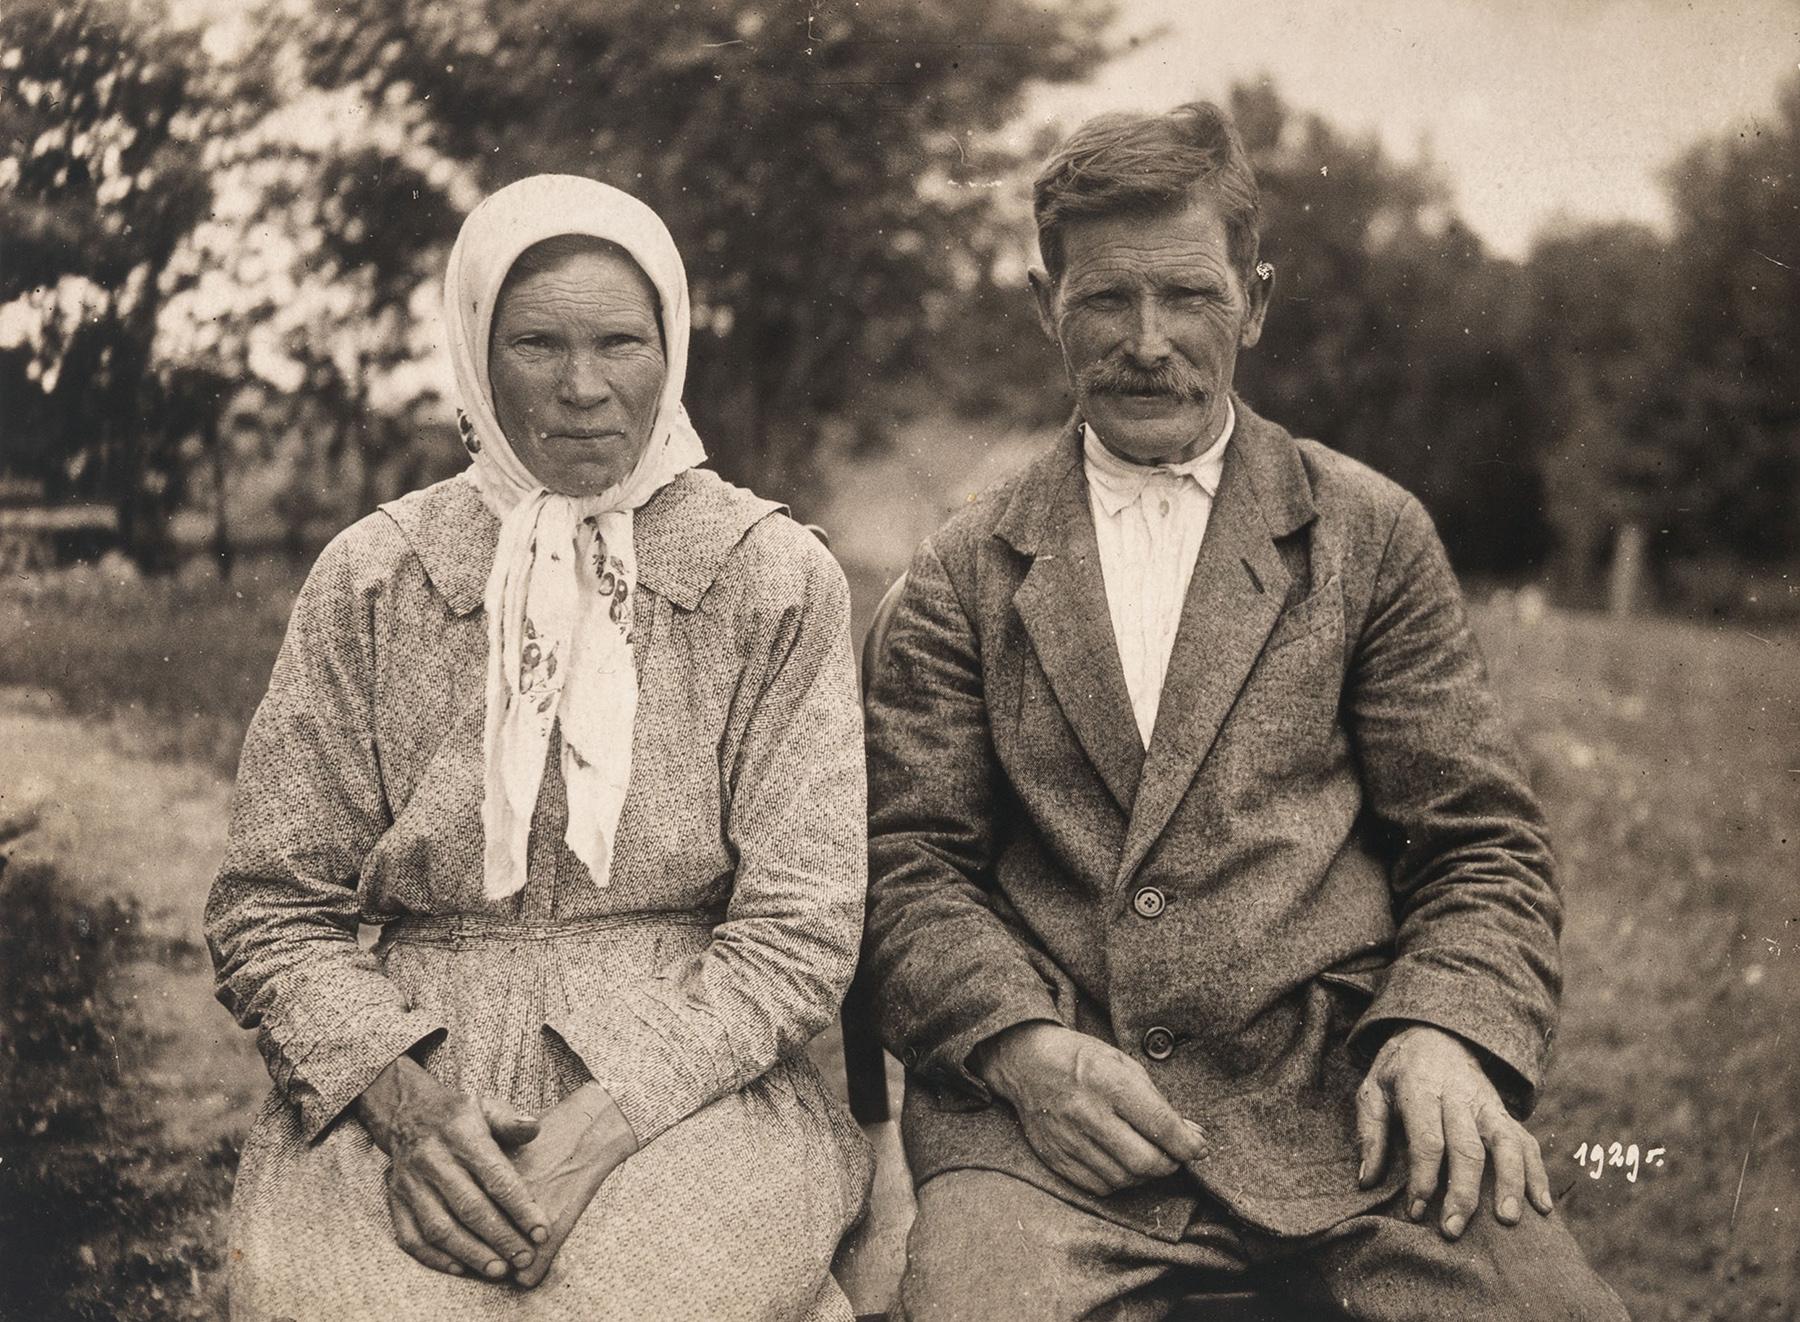 Juhani Konkan vanhemmat Katri ja Simo Konkka Inkerissä vuonna 1929. SKS KIA, Juhani Konkan arkisto. CC BY 4.0